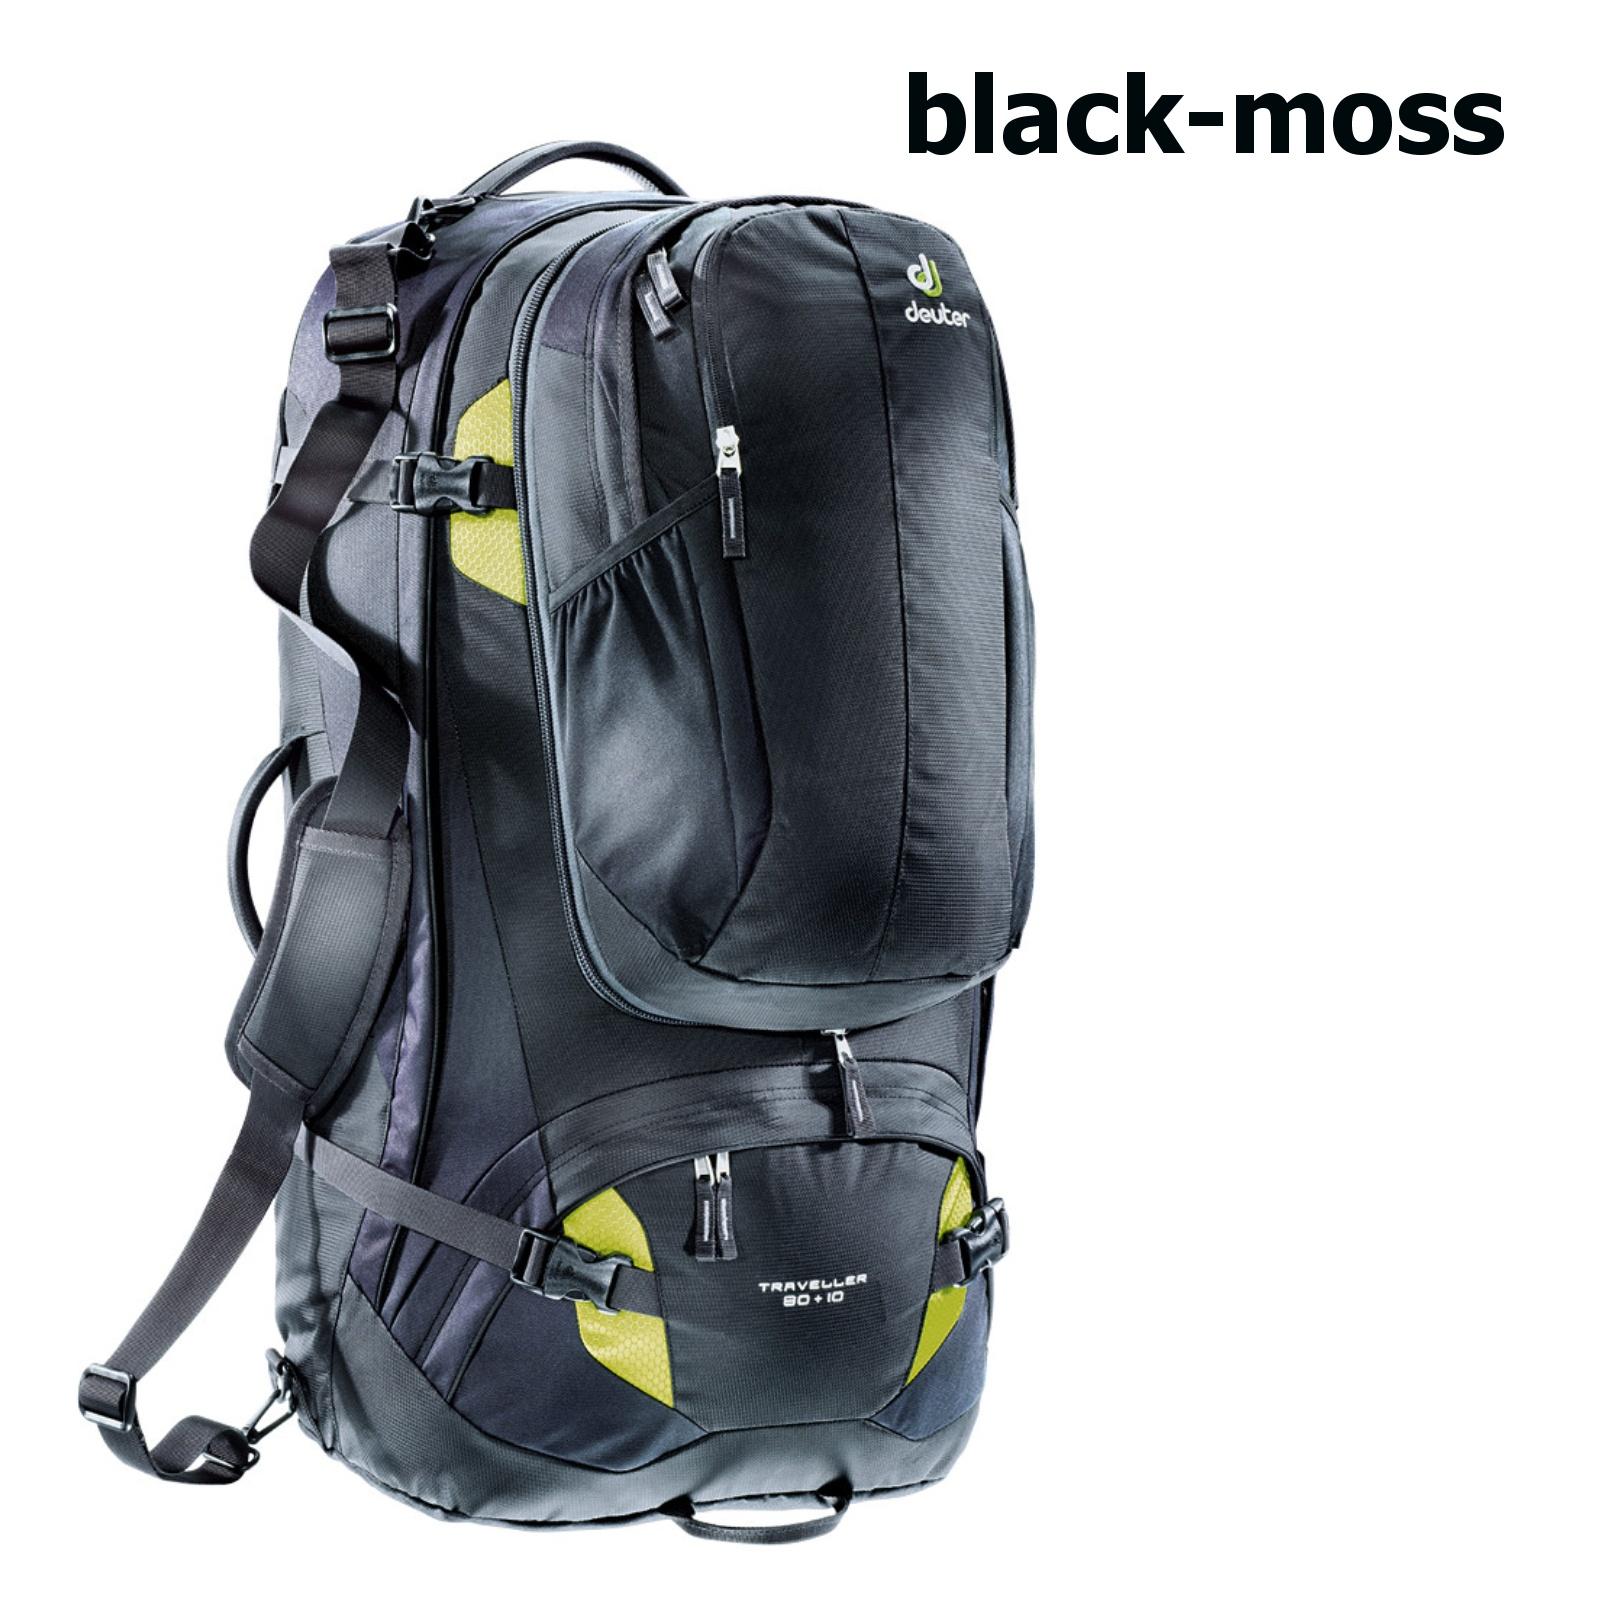 fe4c7e331e Batoh DEUTER Traveller 80 + 10 - black-moss